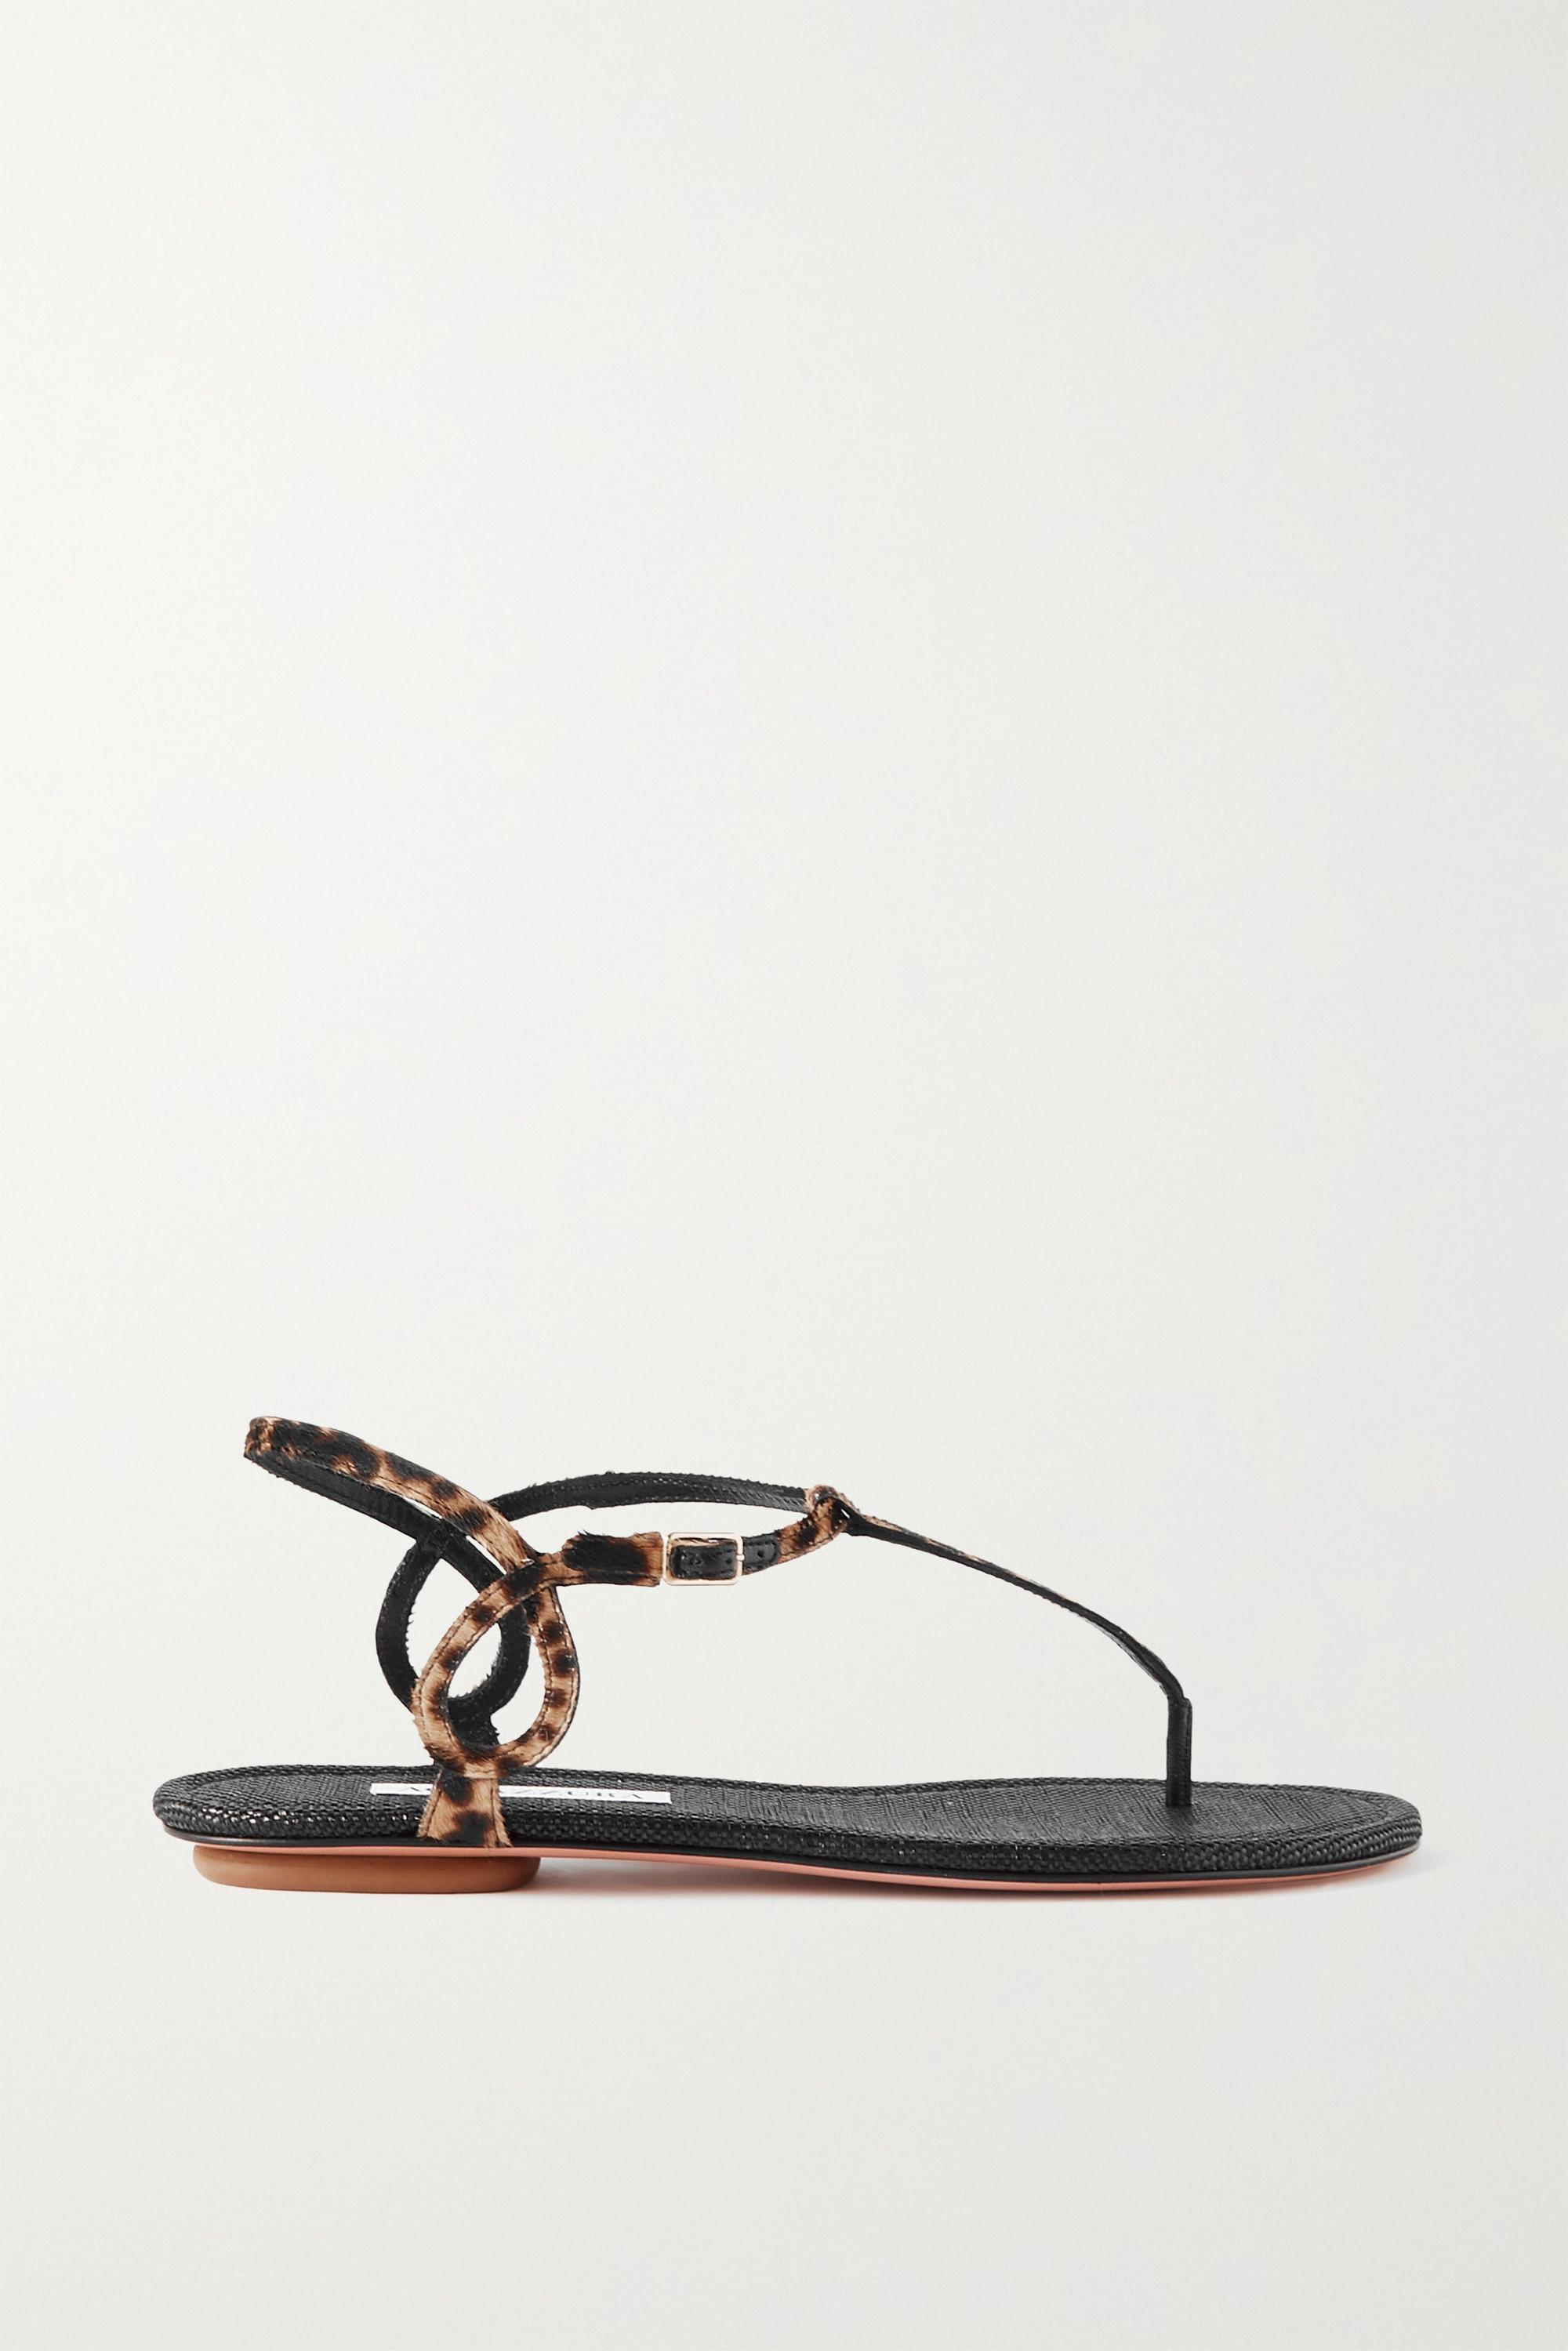 Aquazzura Almost Bare leopard-print calf hair sandals